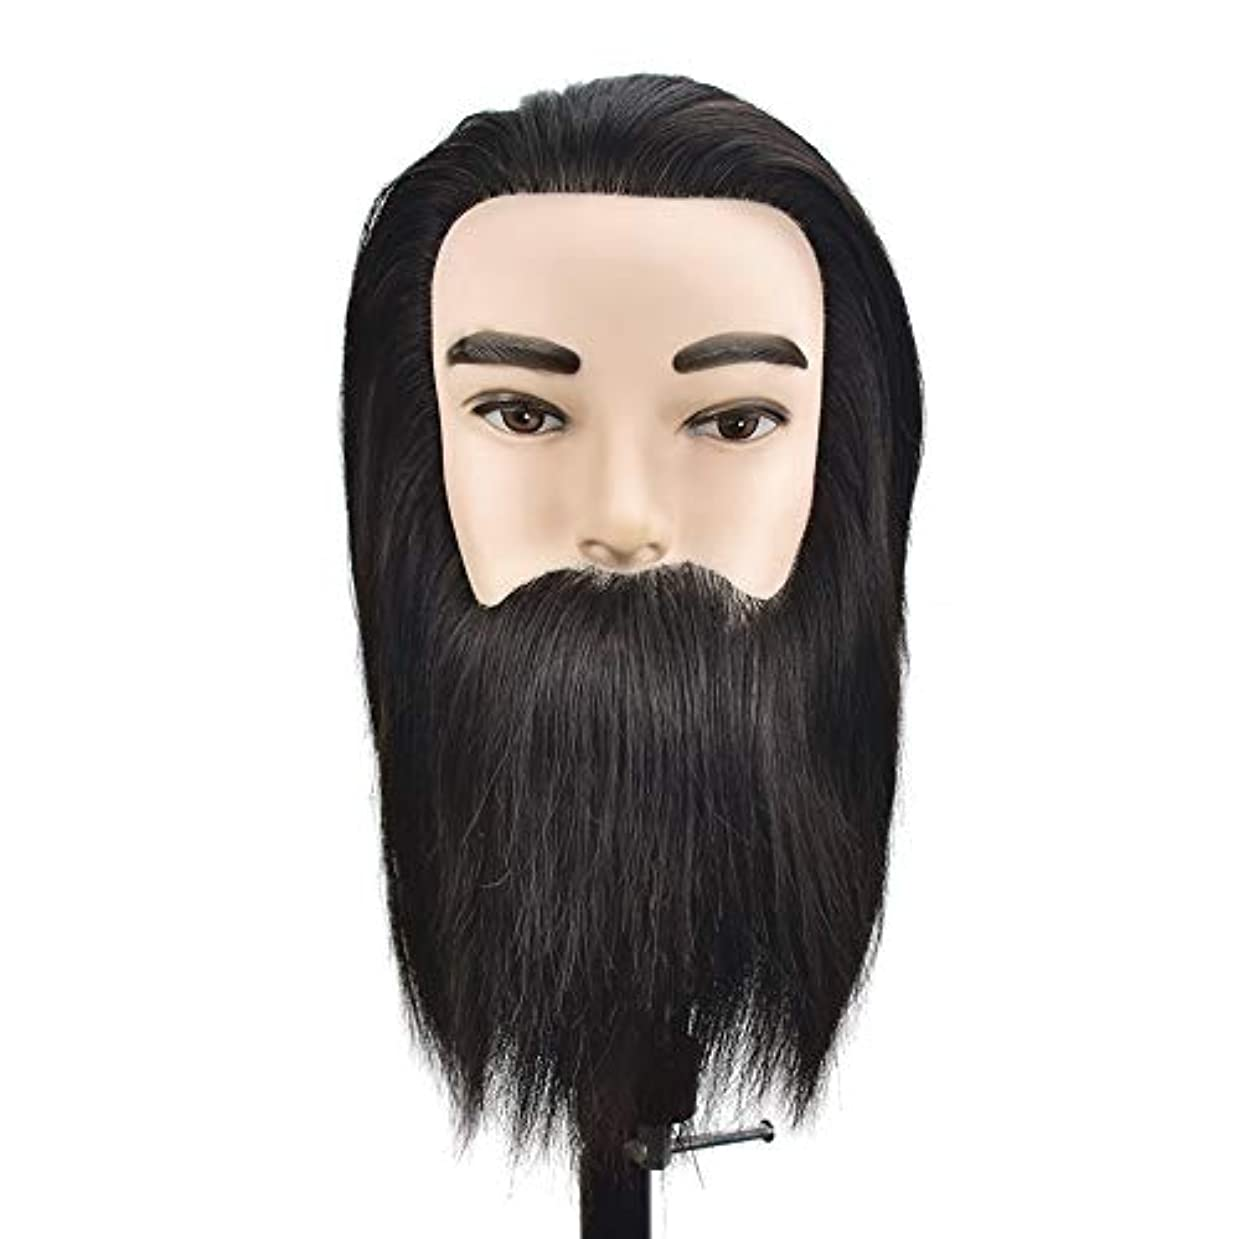 スーツアーカイブ一過性リアル人間の髪トレーニングヘッドパーマ髪モデル髪染め理髪ダミーヘッドトリミングひげ学習ヘッドモデル